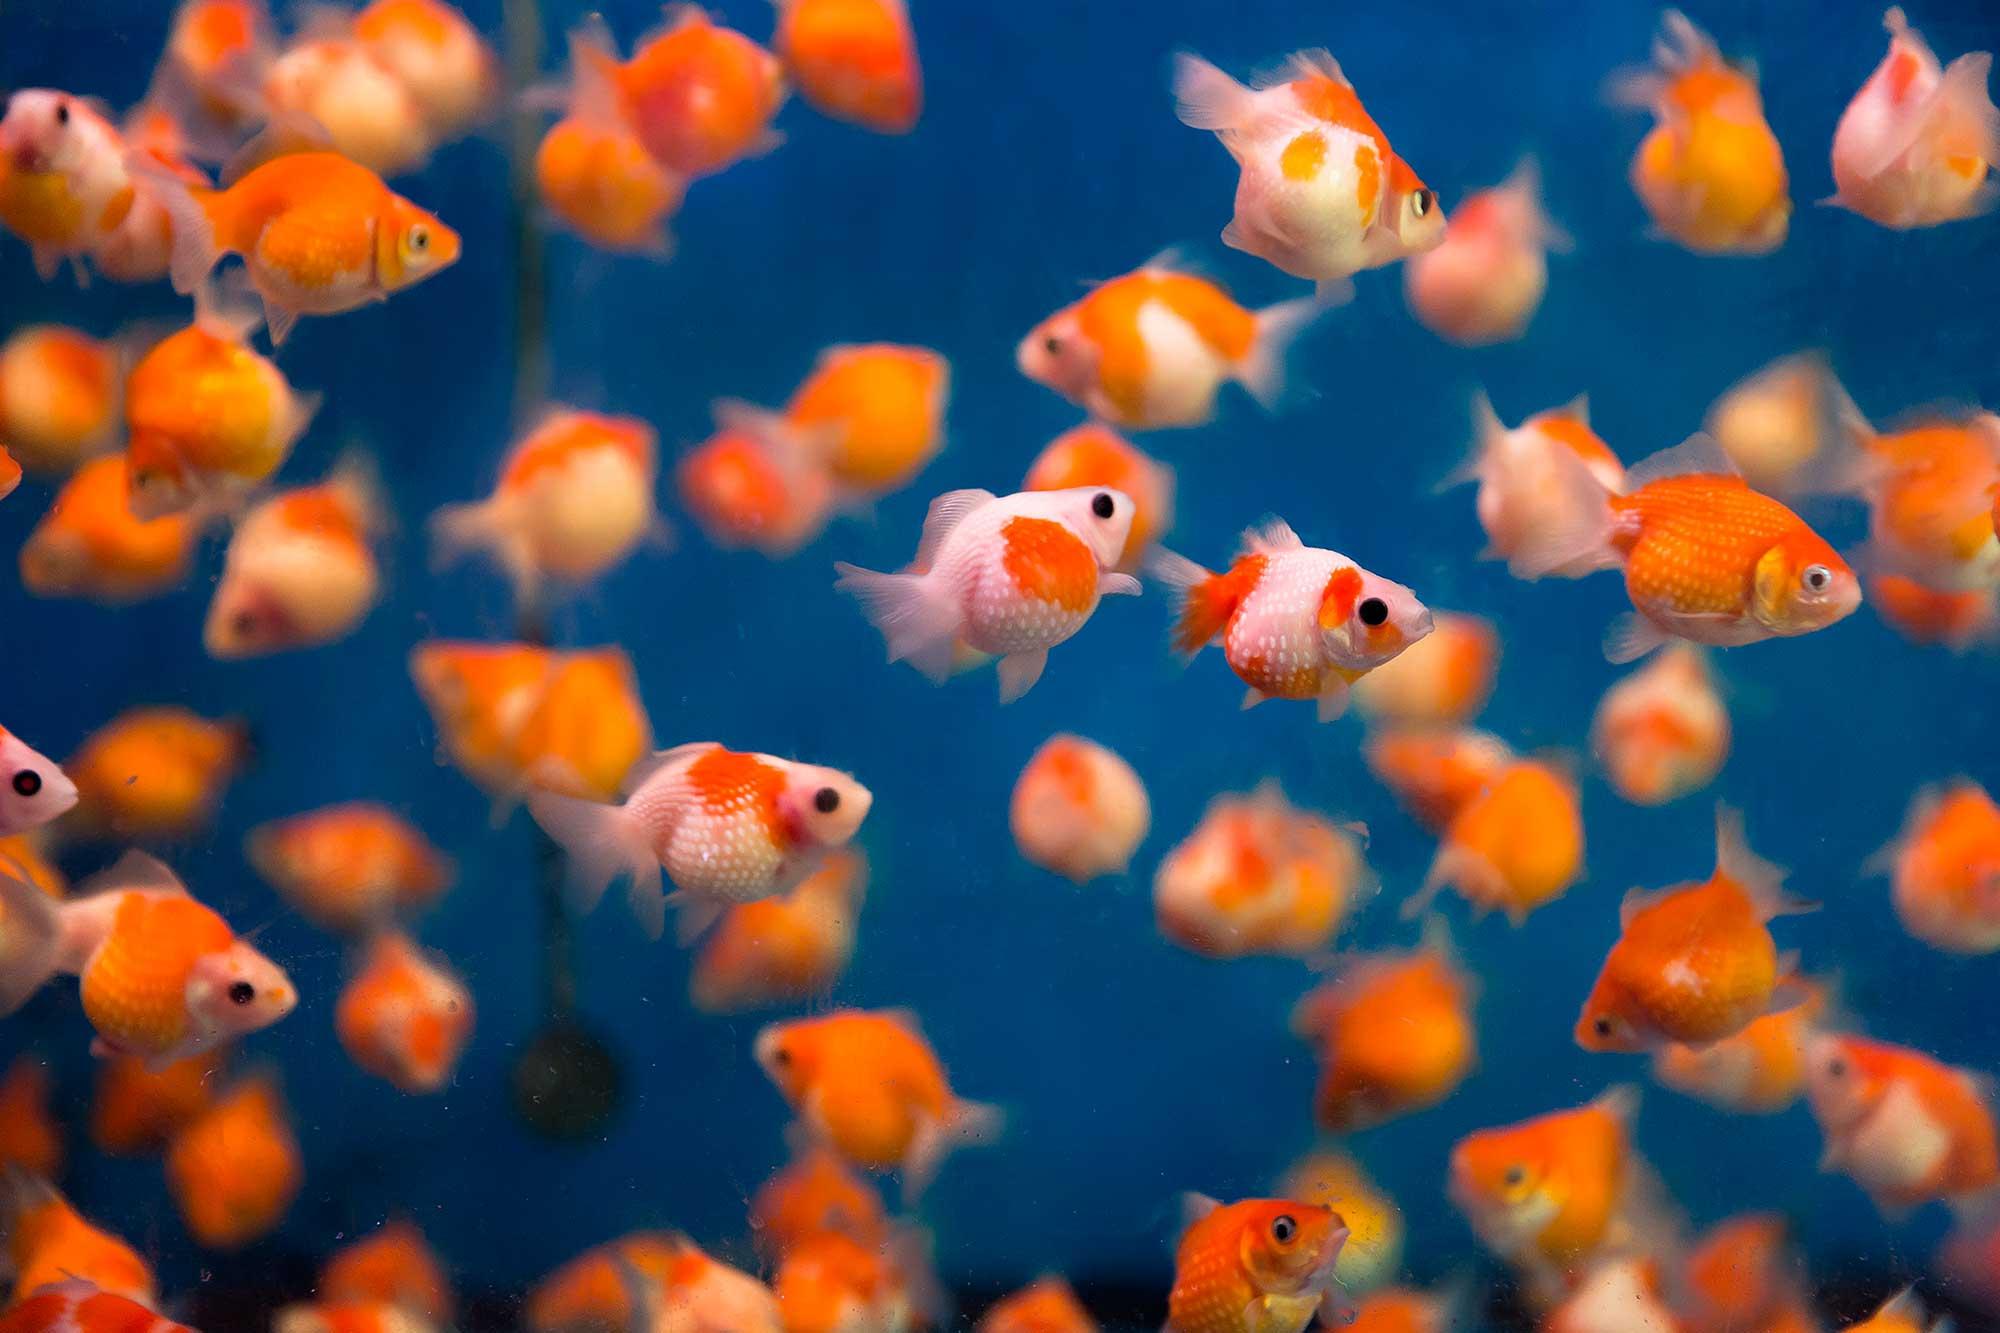 Goldfish in Goldfish street, Hong Kong. © Ulli Maier & Nisa Maier